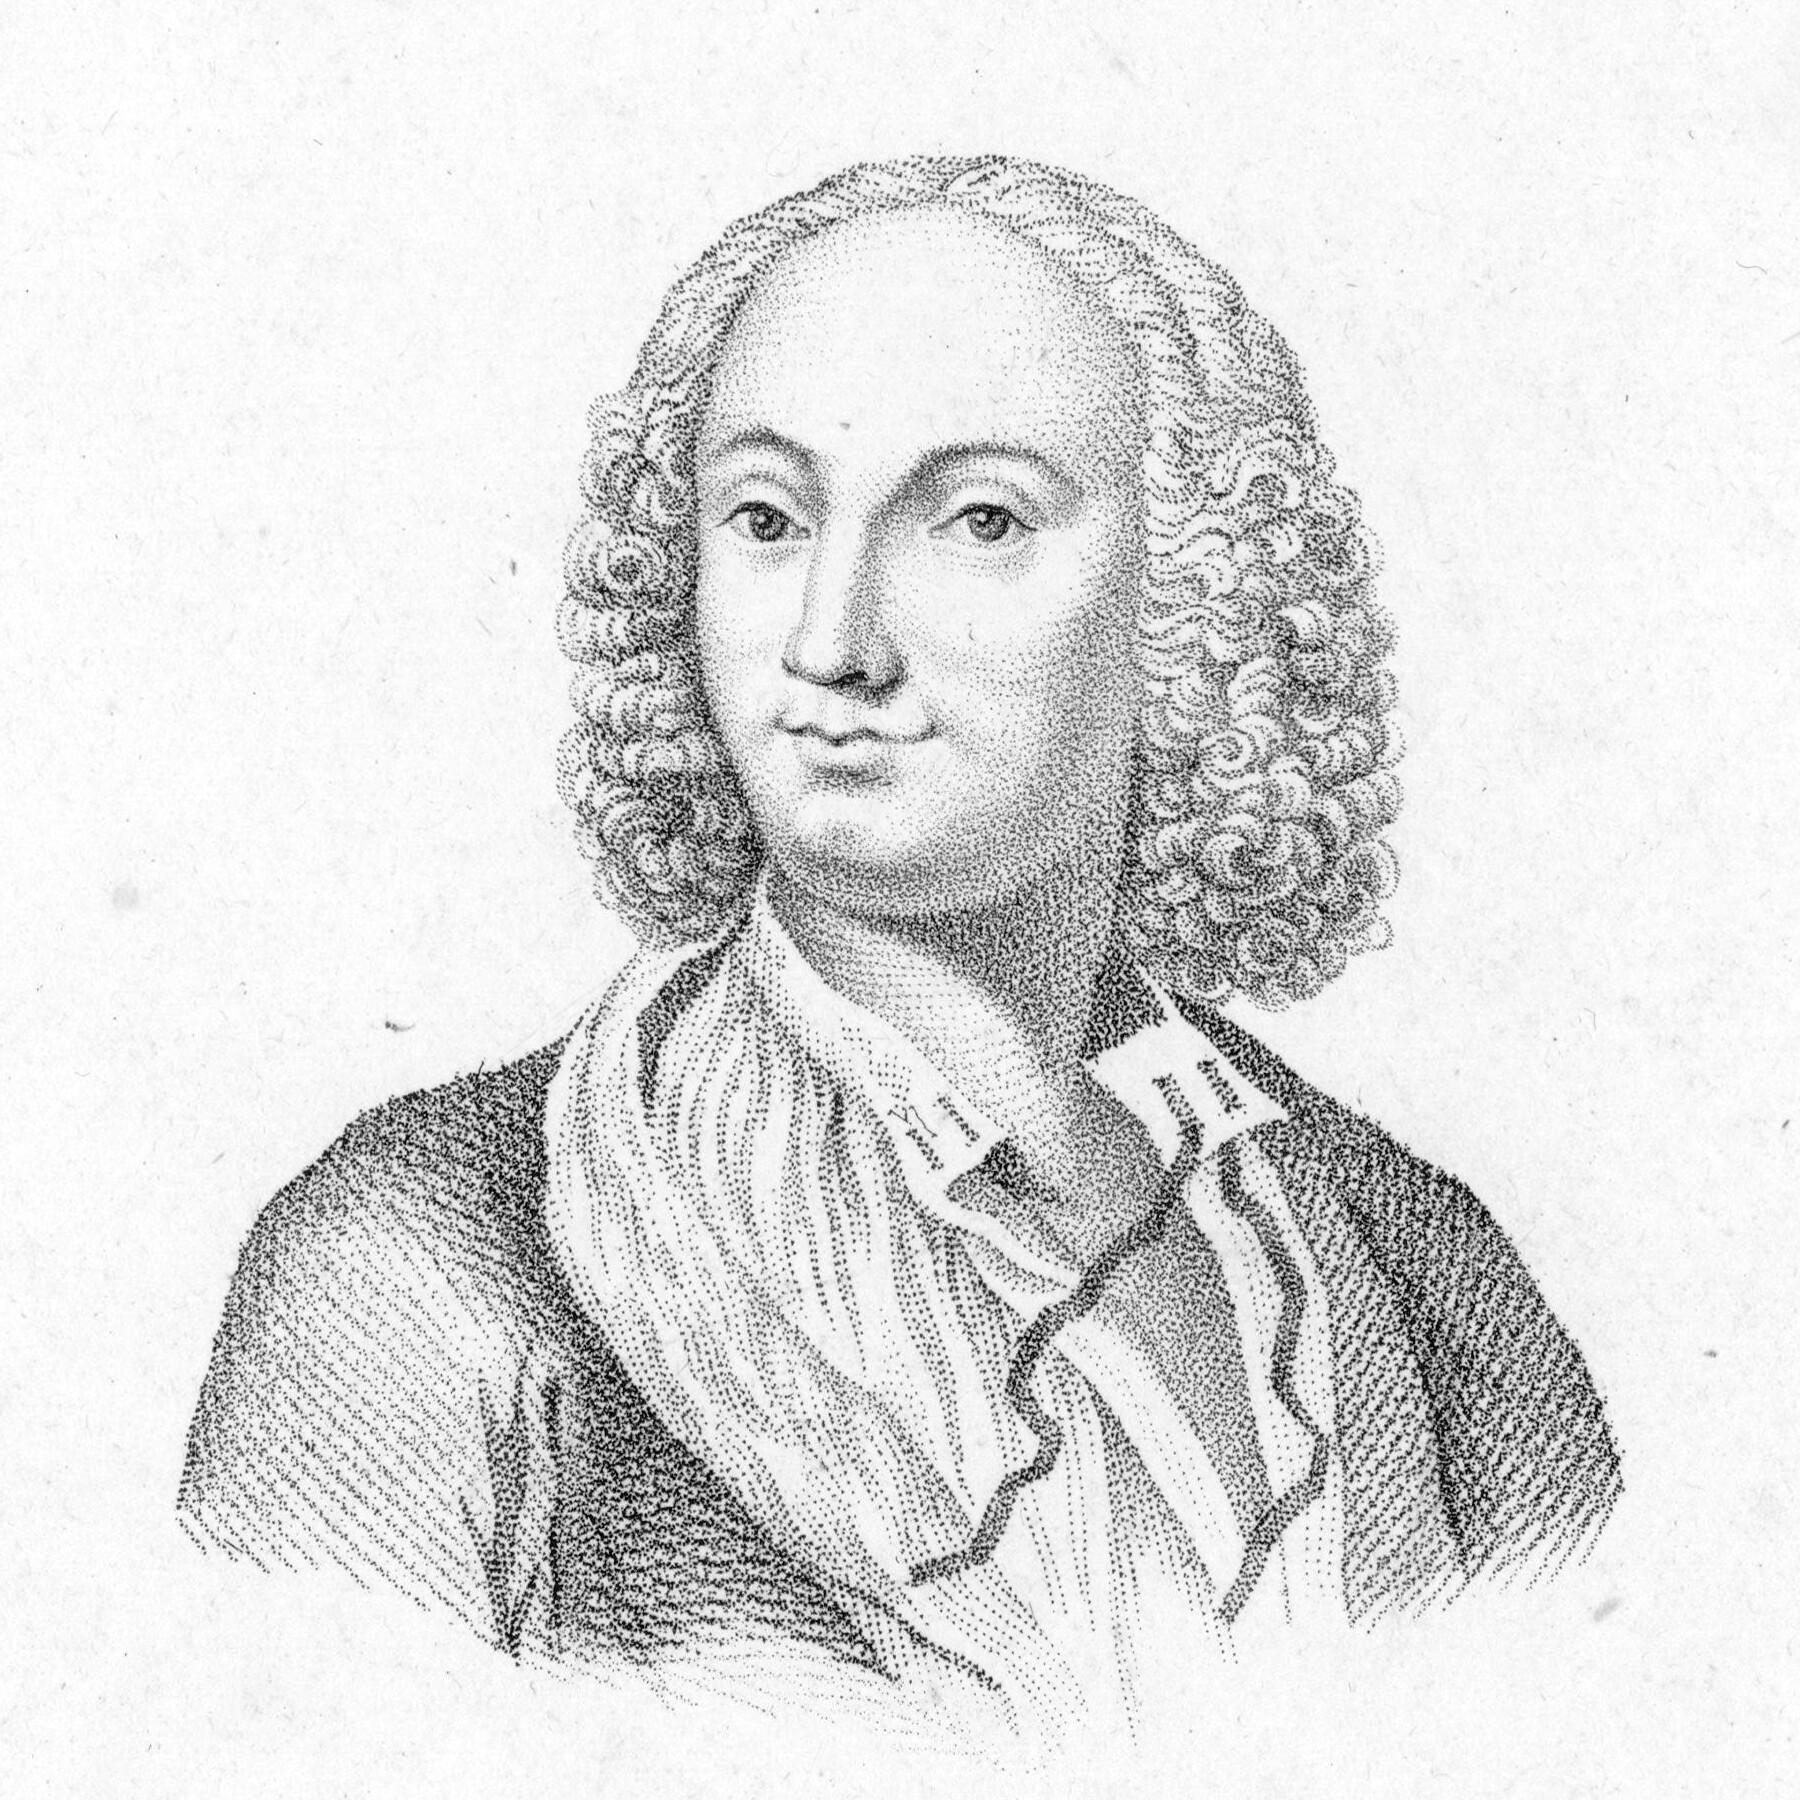 Vivaldi1